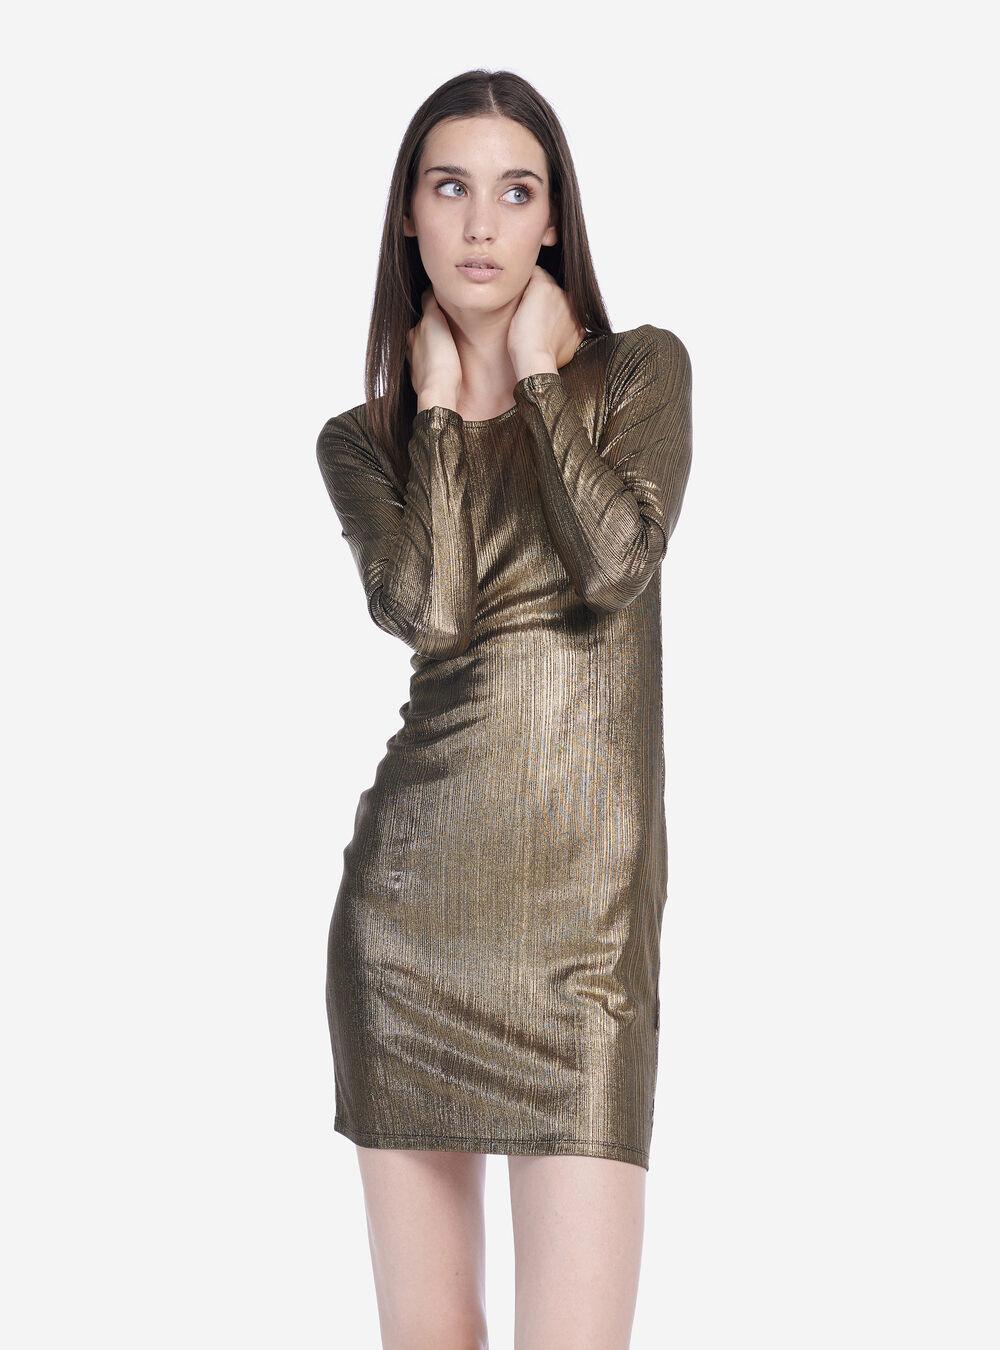 new products 8abaa 865f1 Vestiti da Donna   Acquista online su Alcott